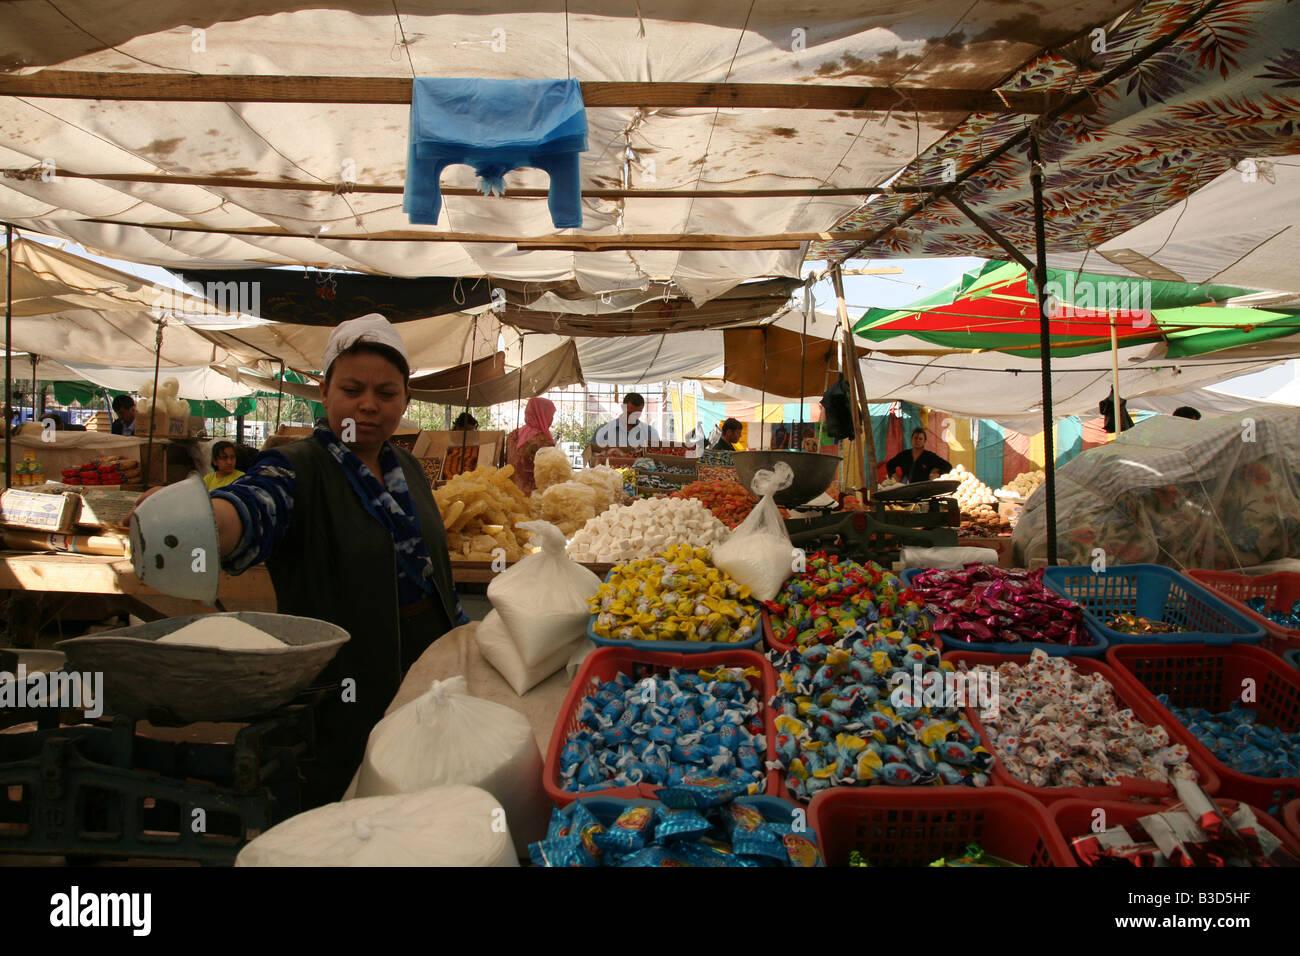 Venditore a vendere zucchero e bon ossa presso il mercato centrale in Urgench, Uzbekistan Immagini Stock